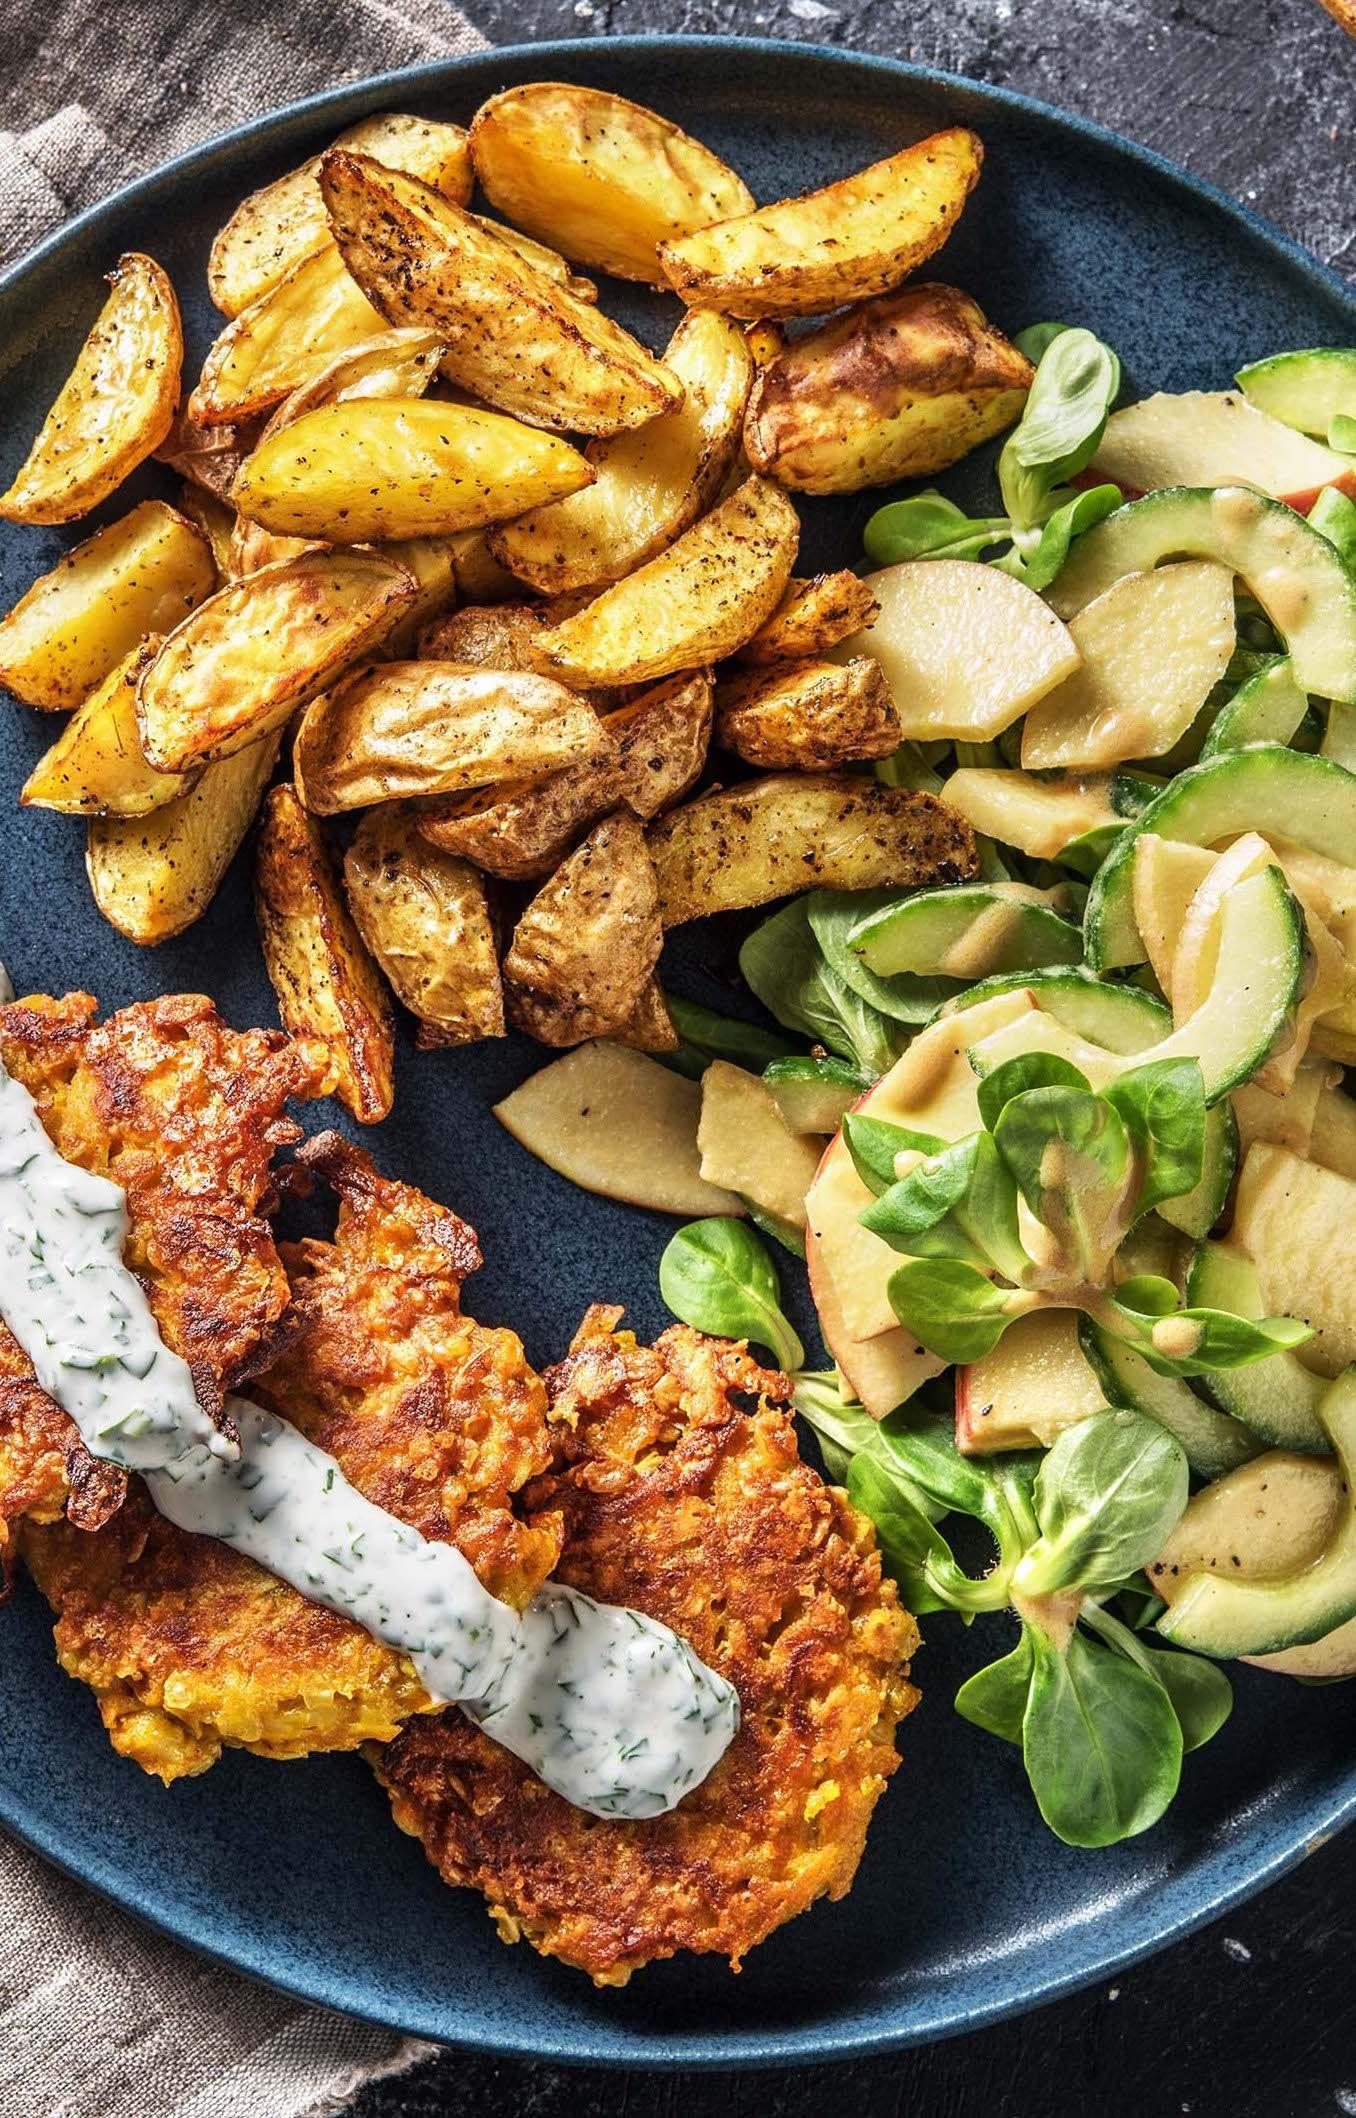 Karotten-Hafer-puffer mit Apfelsalat, Kartoffelspalten & Korianderdip